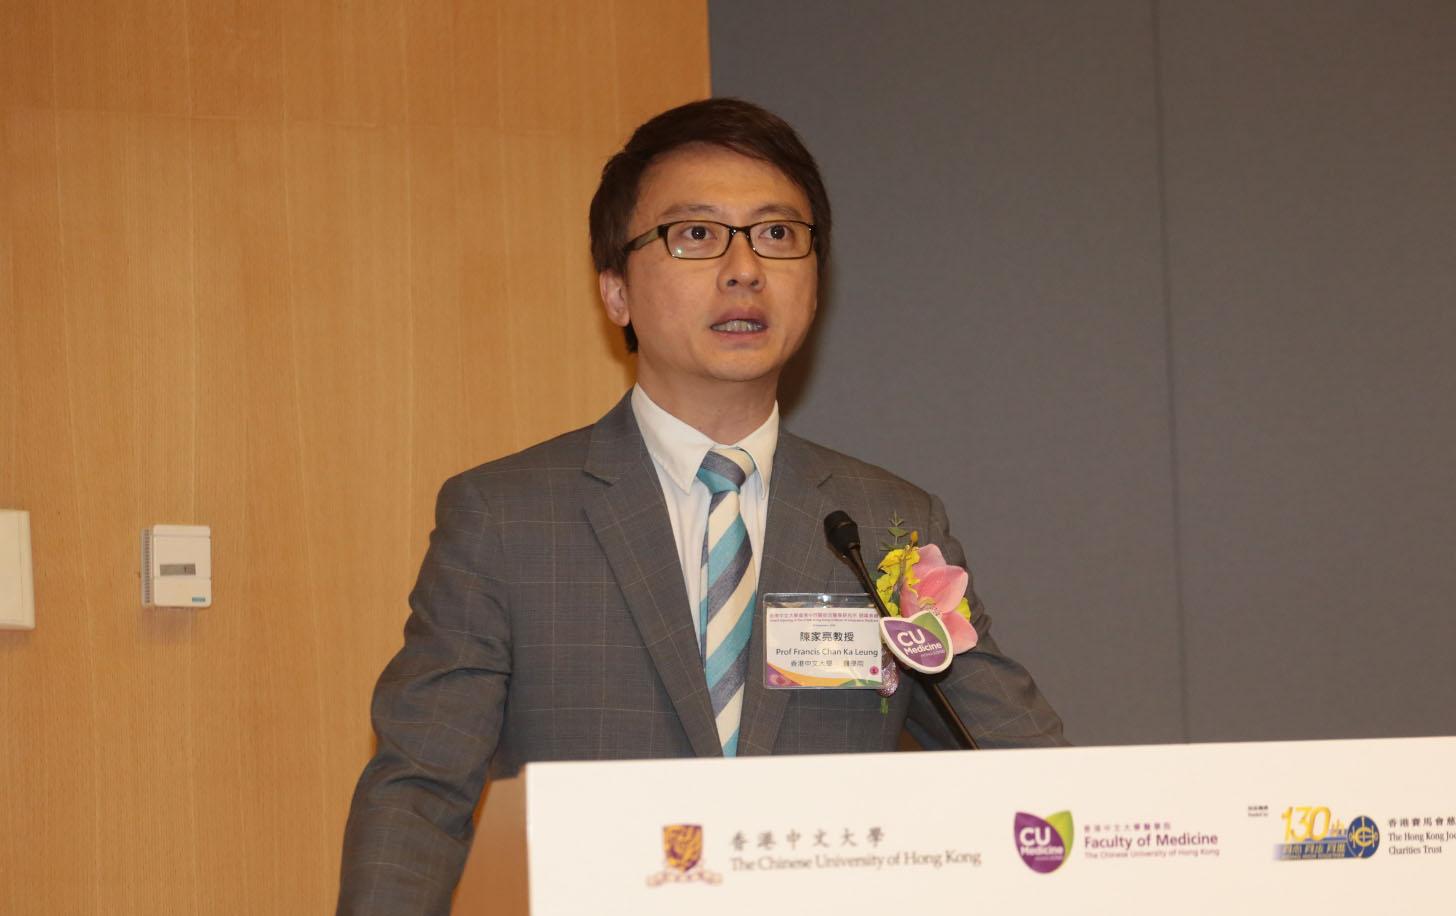 陳家亮在文中呼籲市民,體諒和尊重堅守崗位及無私付出的醫生。(中大醫學院圖片)